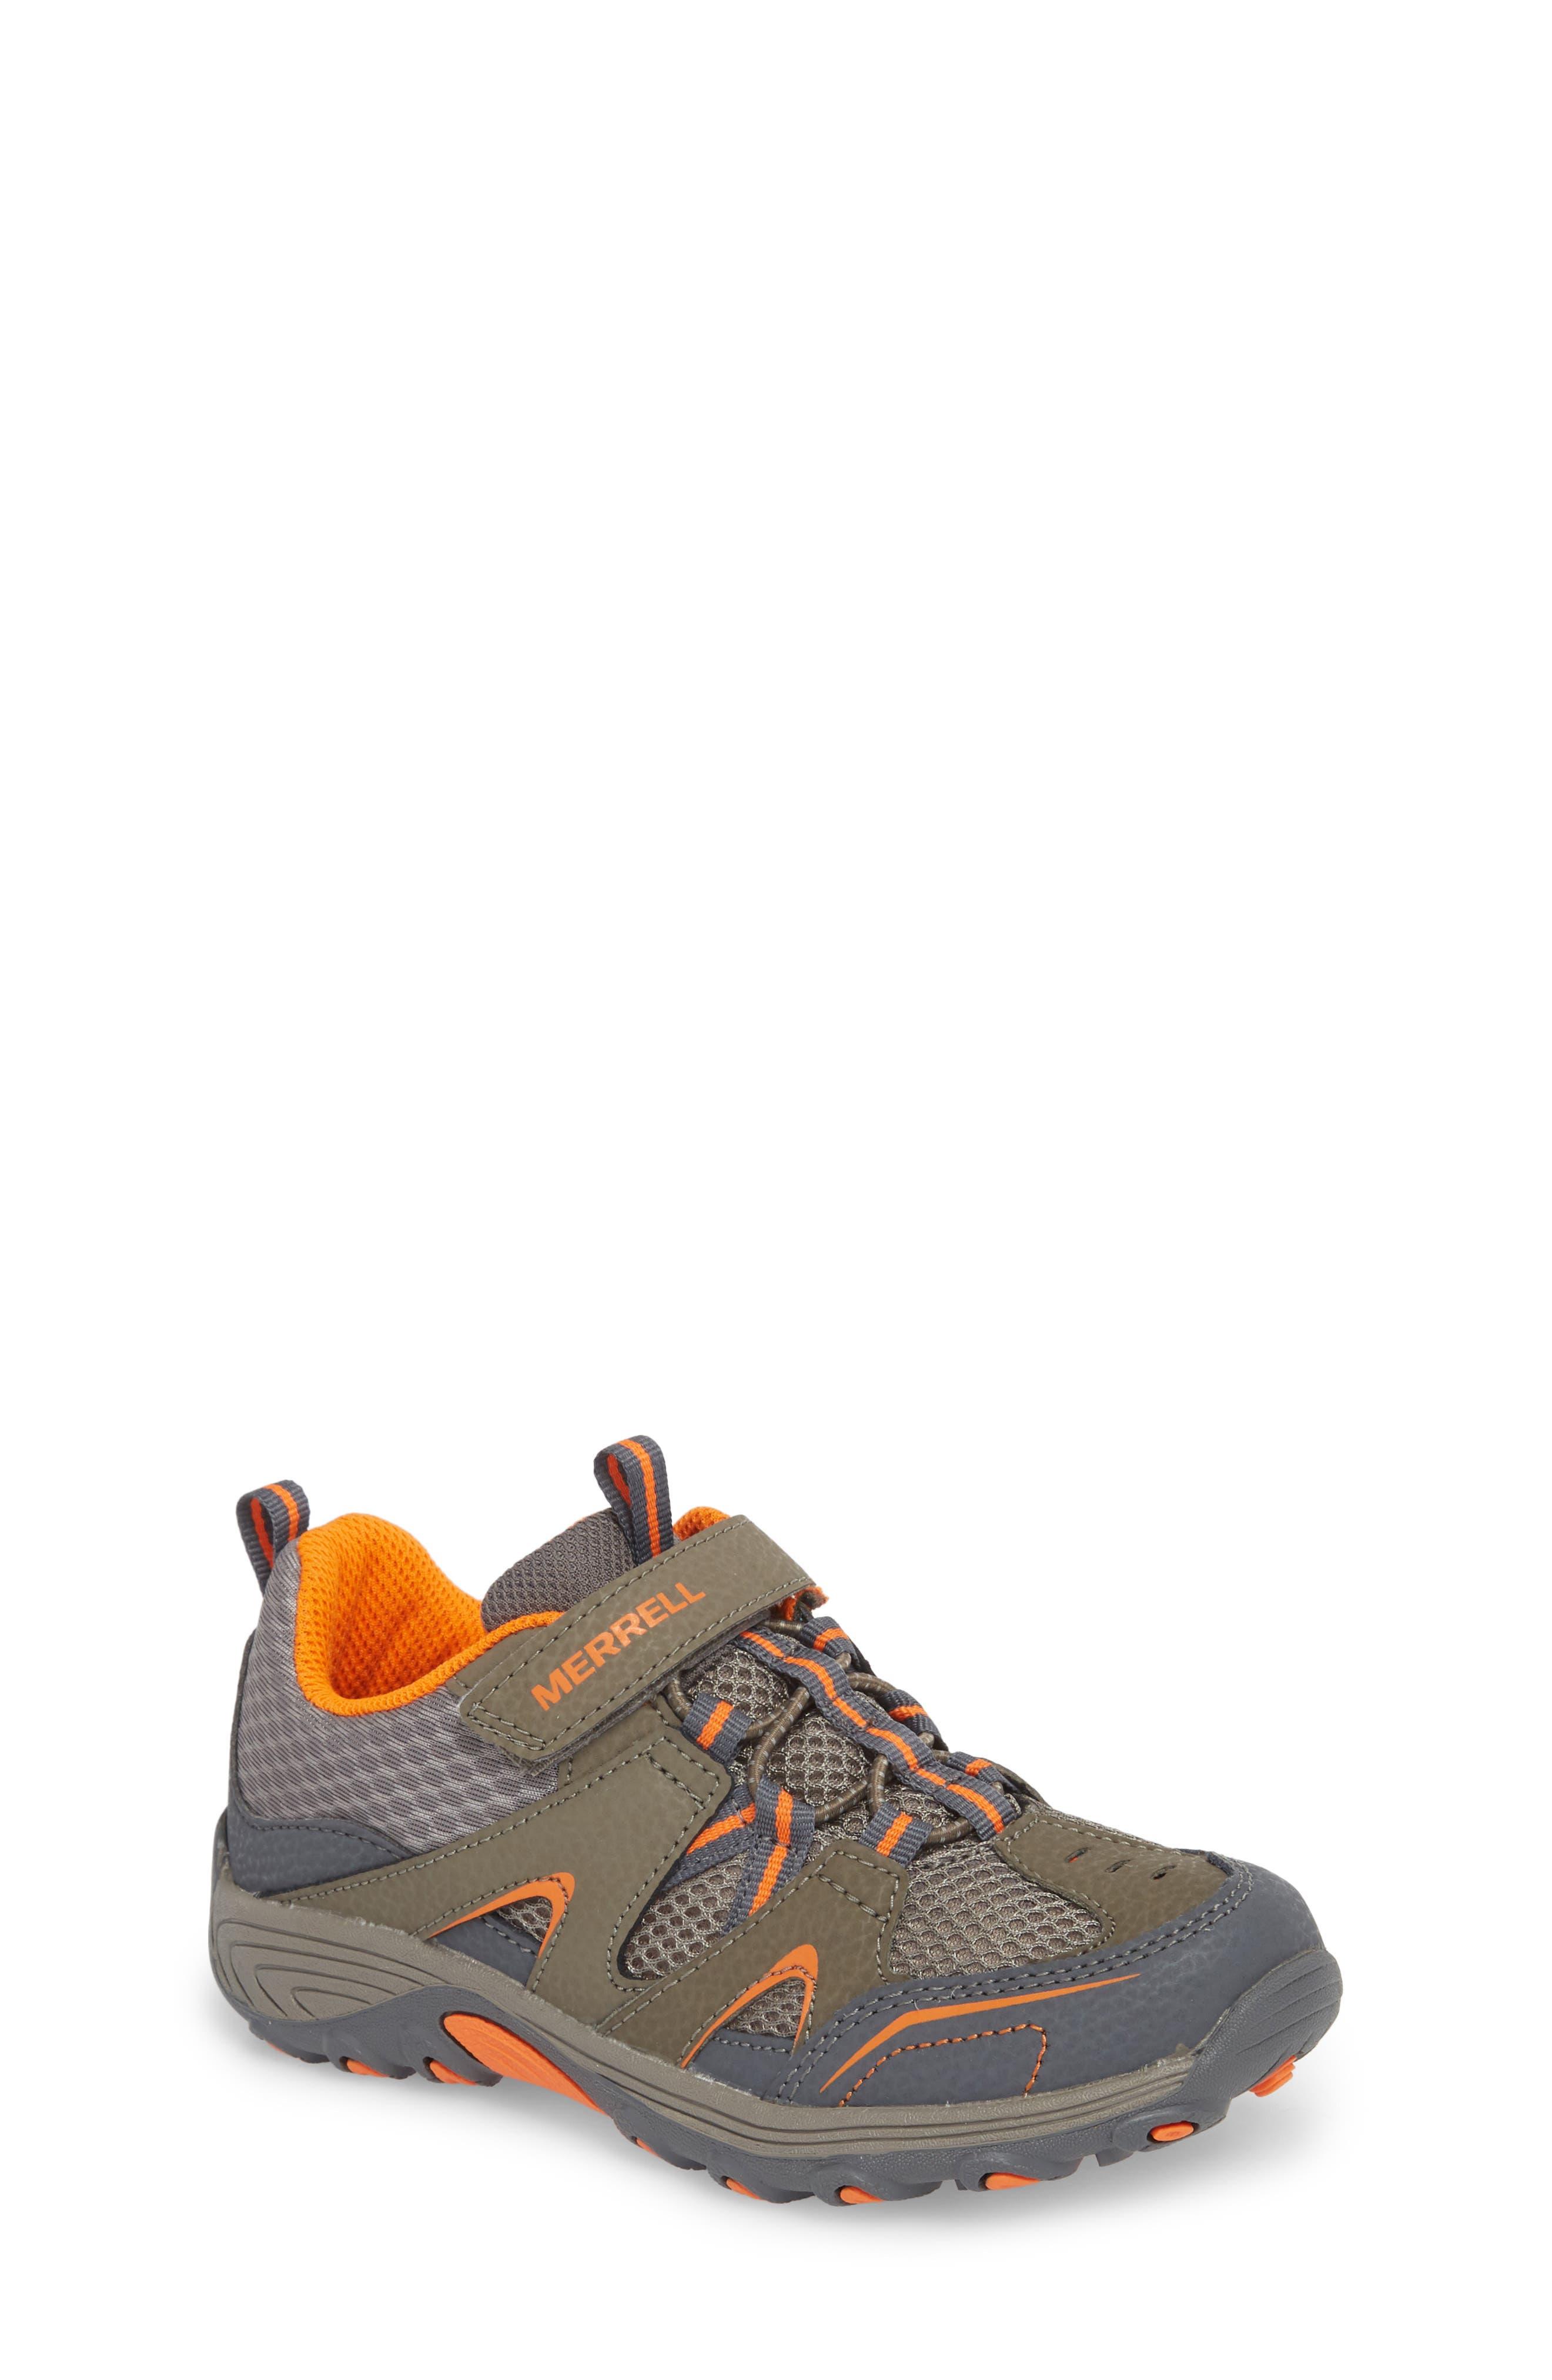 Trail Chaser Sneaker,                         Main,                         color, Gunsmoke/ Orange